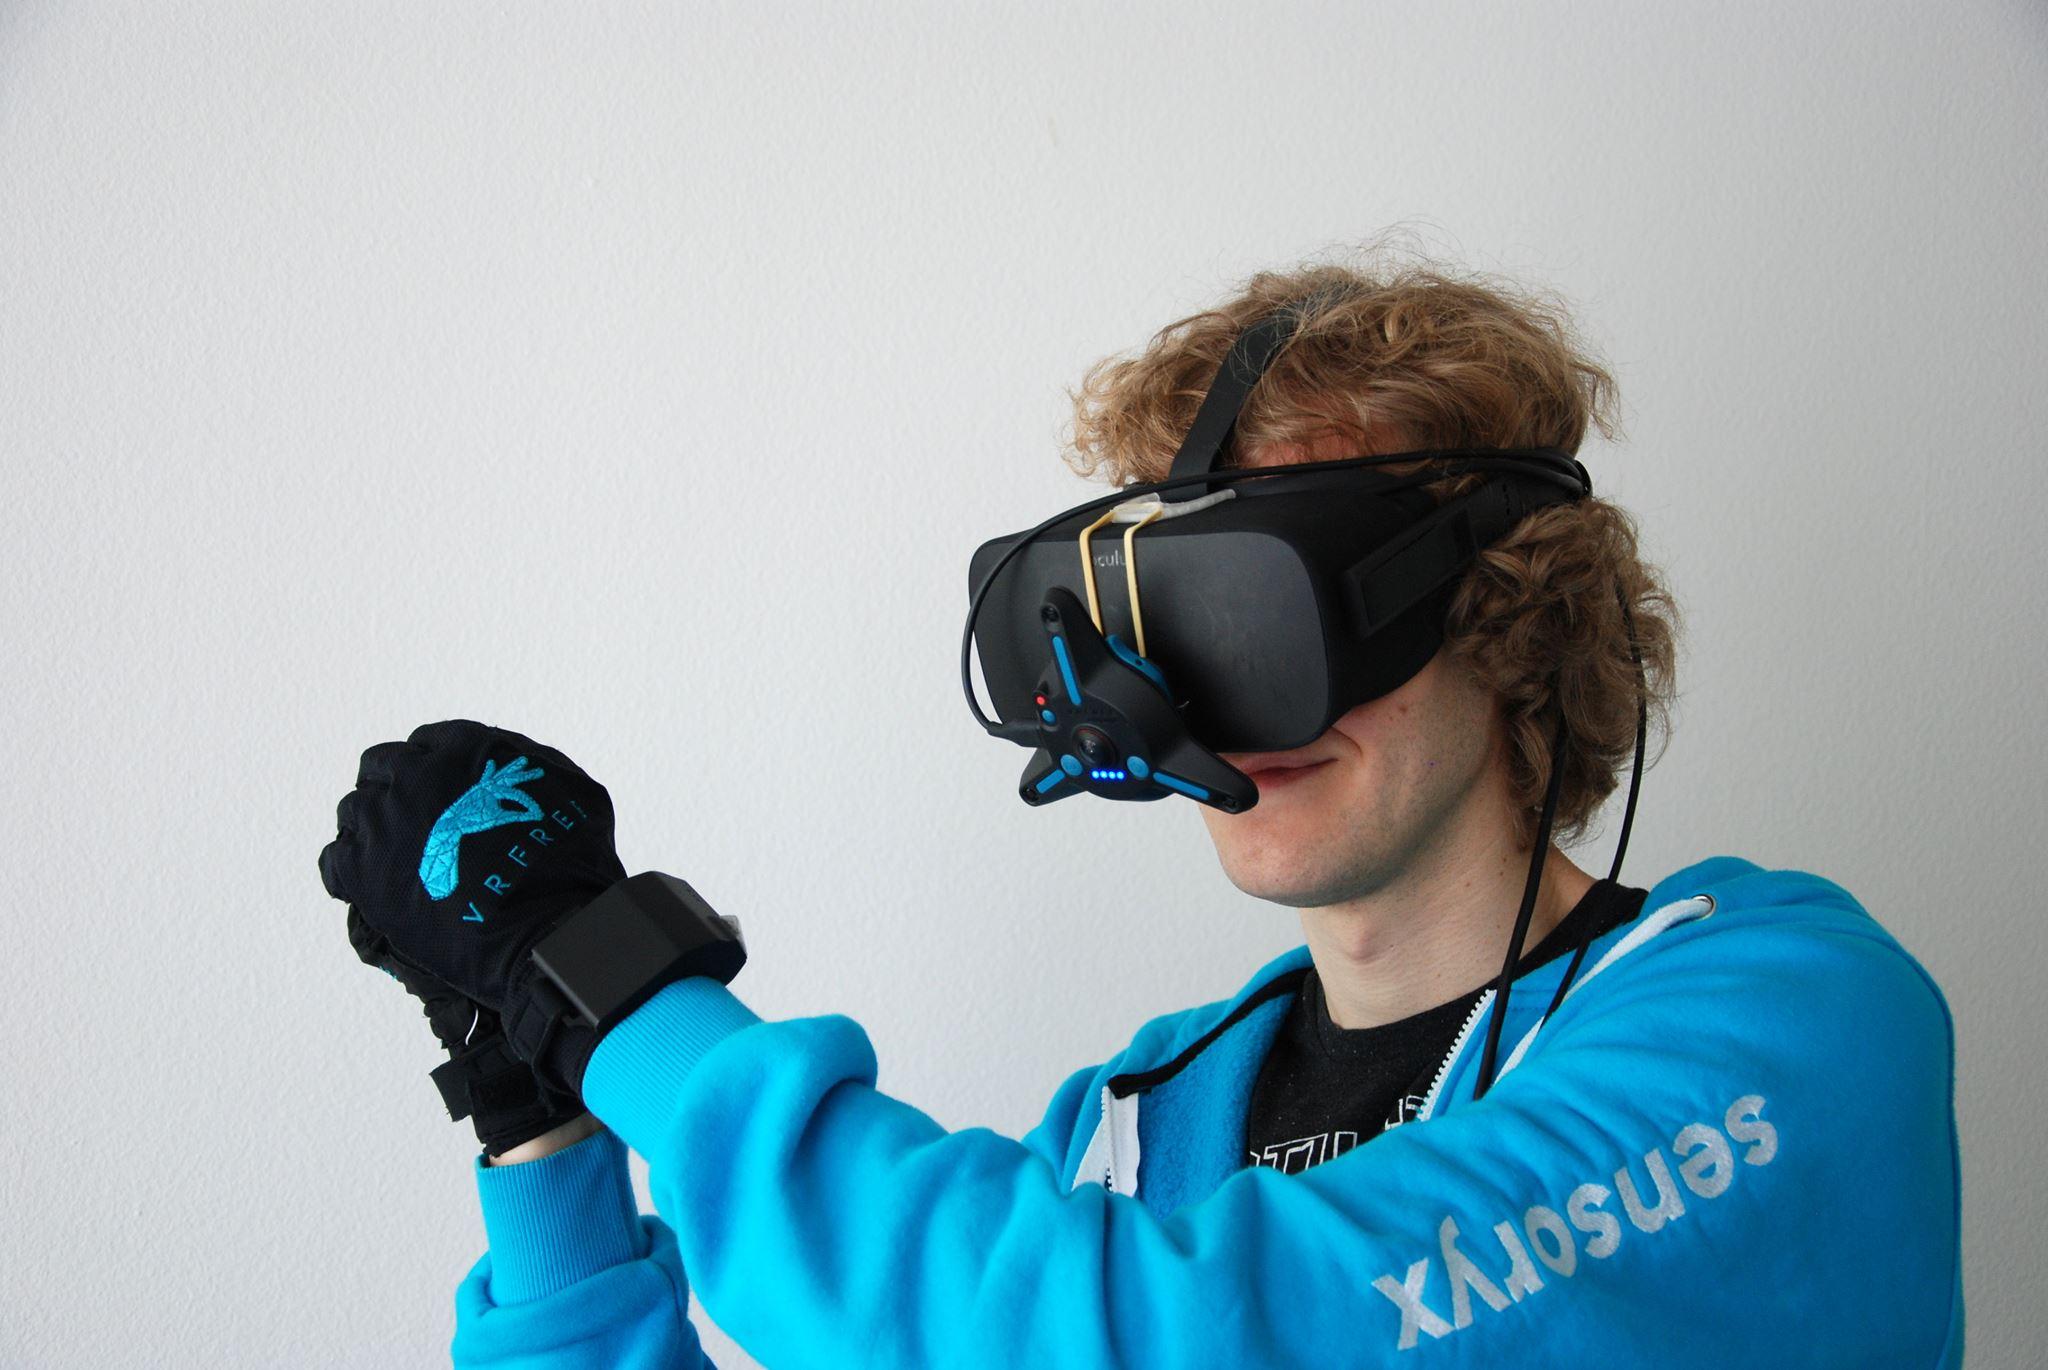 Die Handschuhe benötigen noch eine zusätzliche Peripherie. (Foto: Sensoryx)